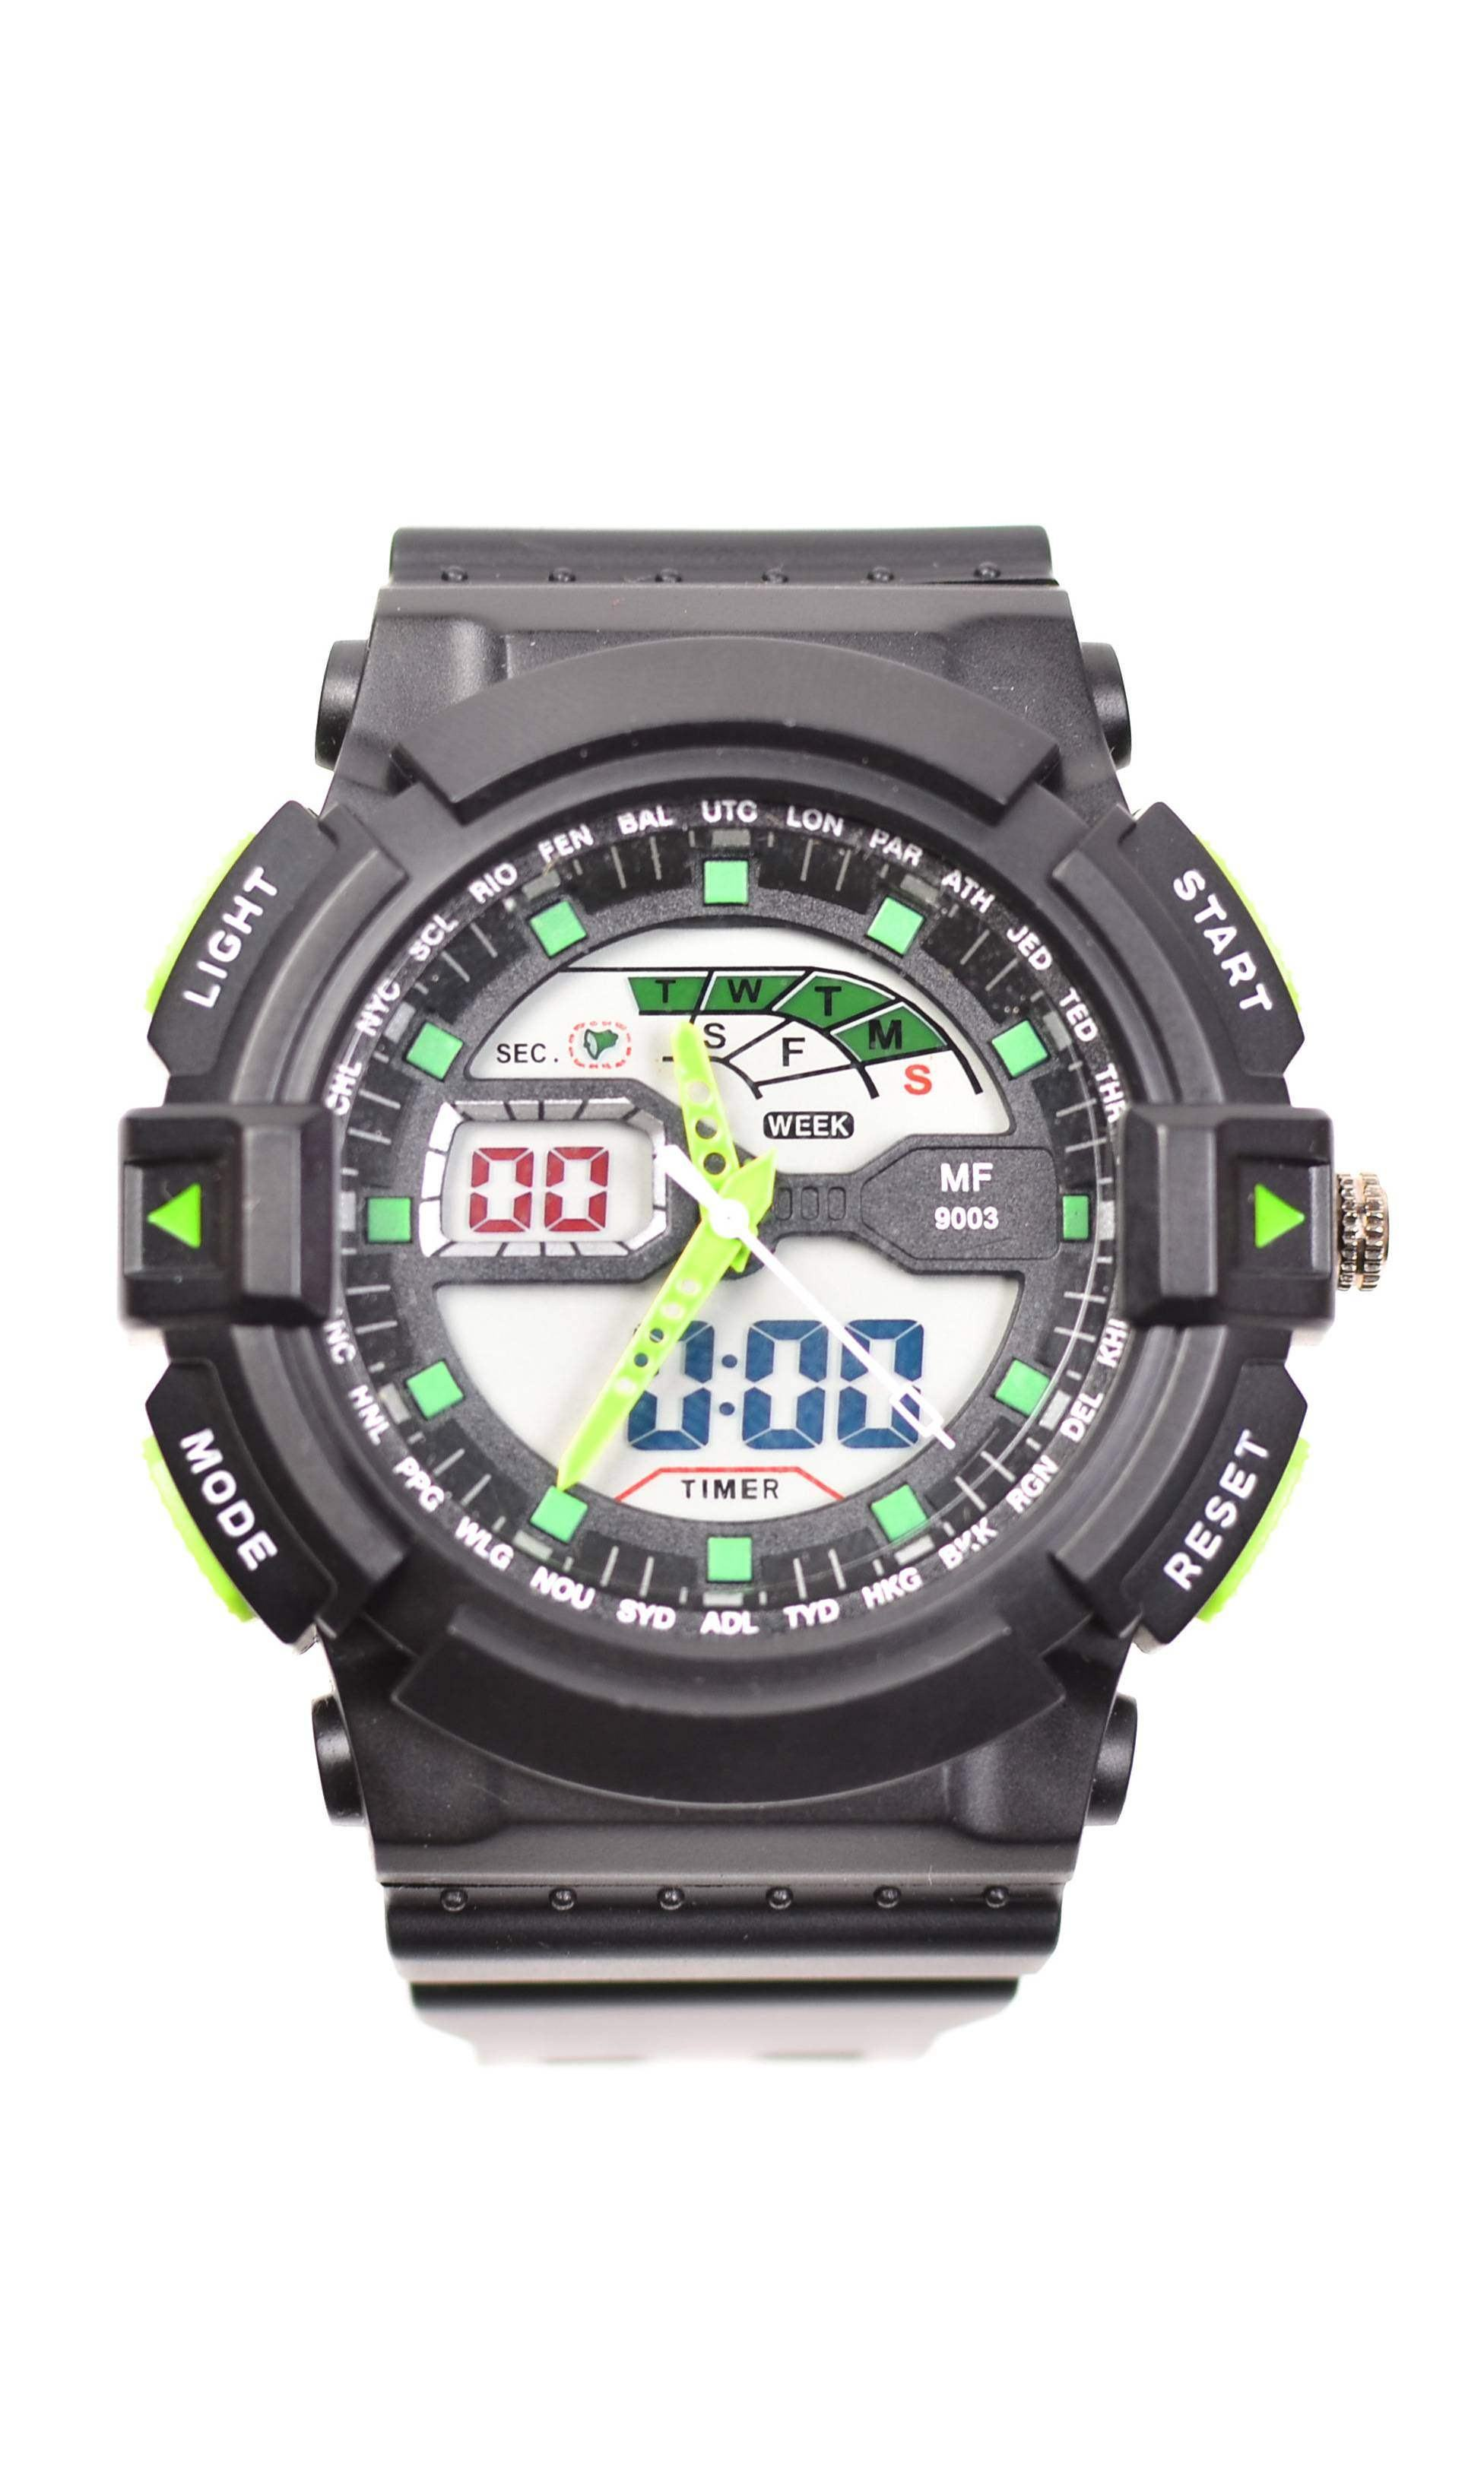 Ceas de mana barbati sport, cu sistem Dual Time - MF9003TV